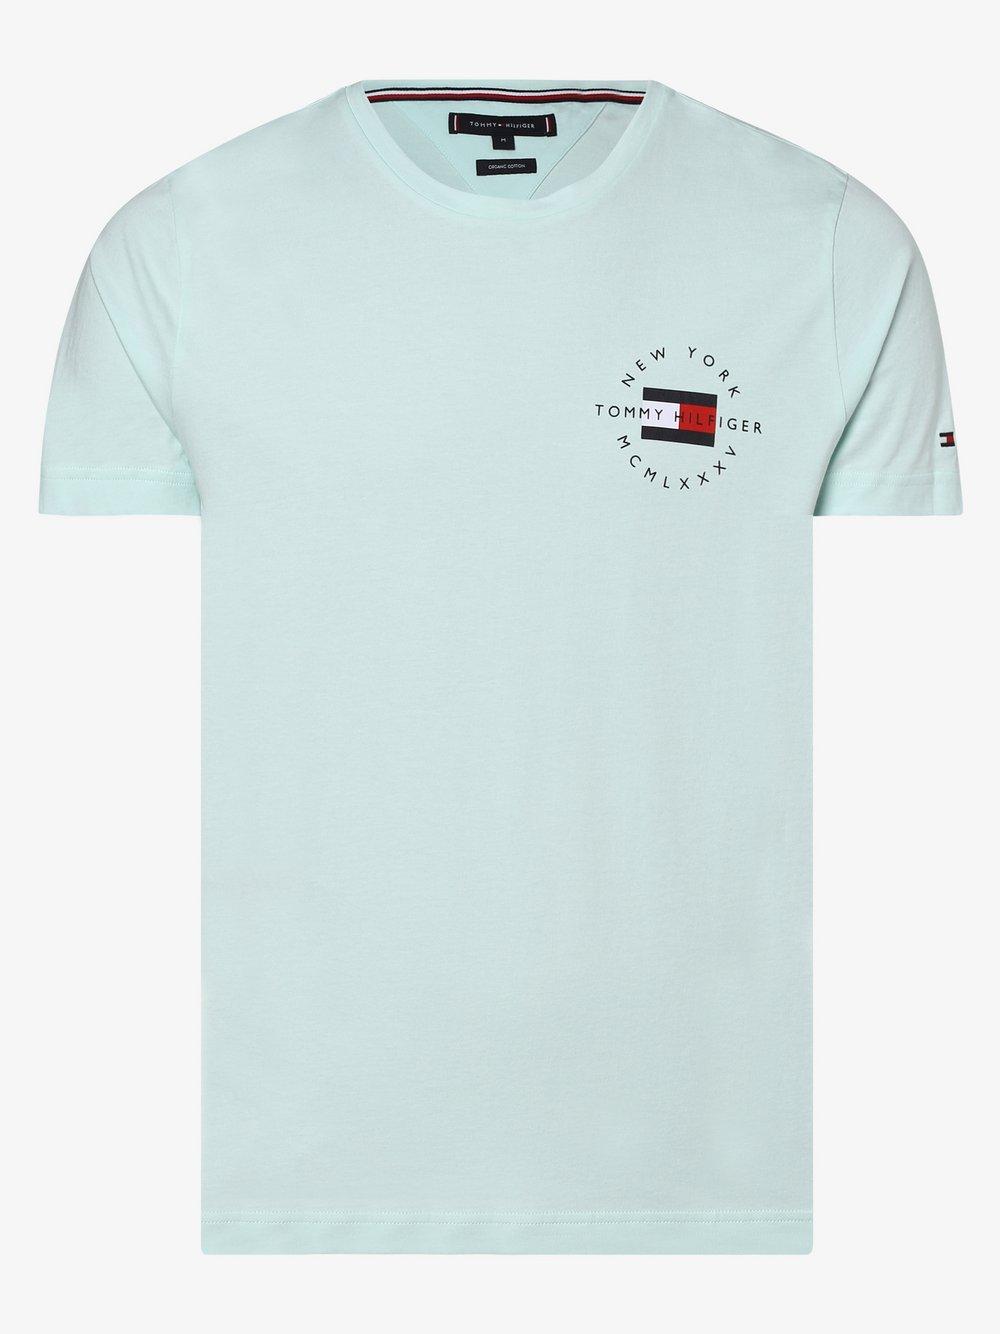 Tommy Hilfiger - T-shirt męski, niebieski